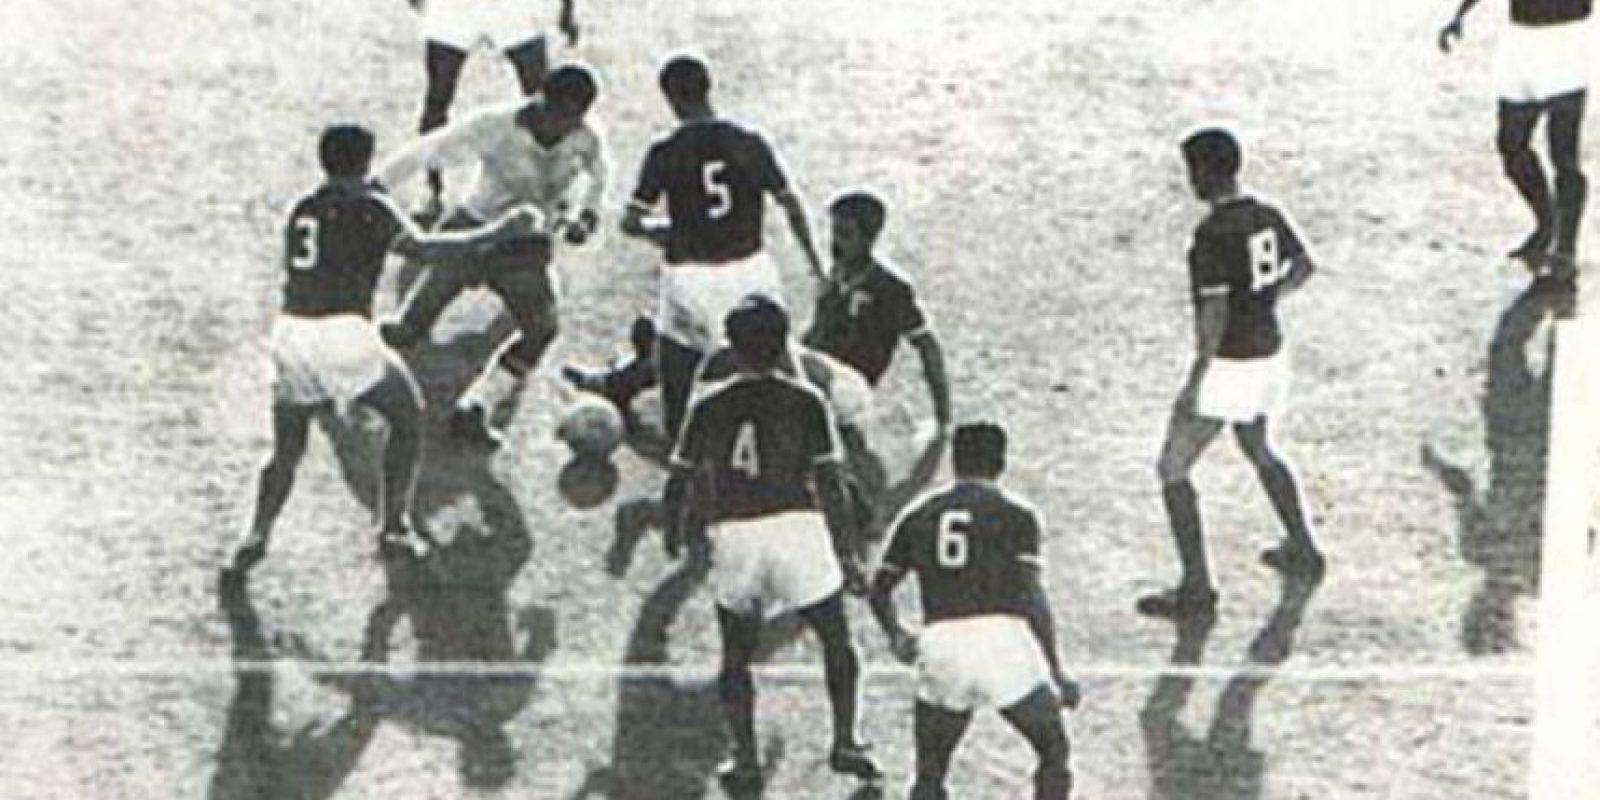 """También conocido como """"La alegría del pueblo"""", Garrincha ganó los Mundiales de 1958 y 1962. Falleció el 28 de octubre de 1983 a los 49 años Foto:Twitter"""